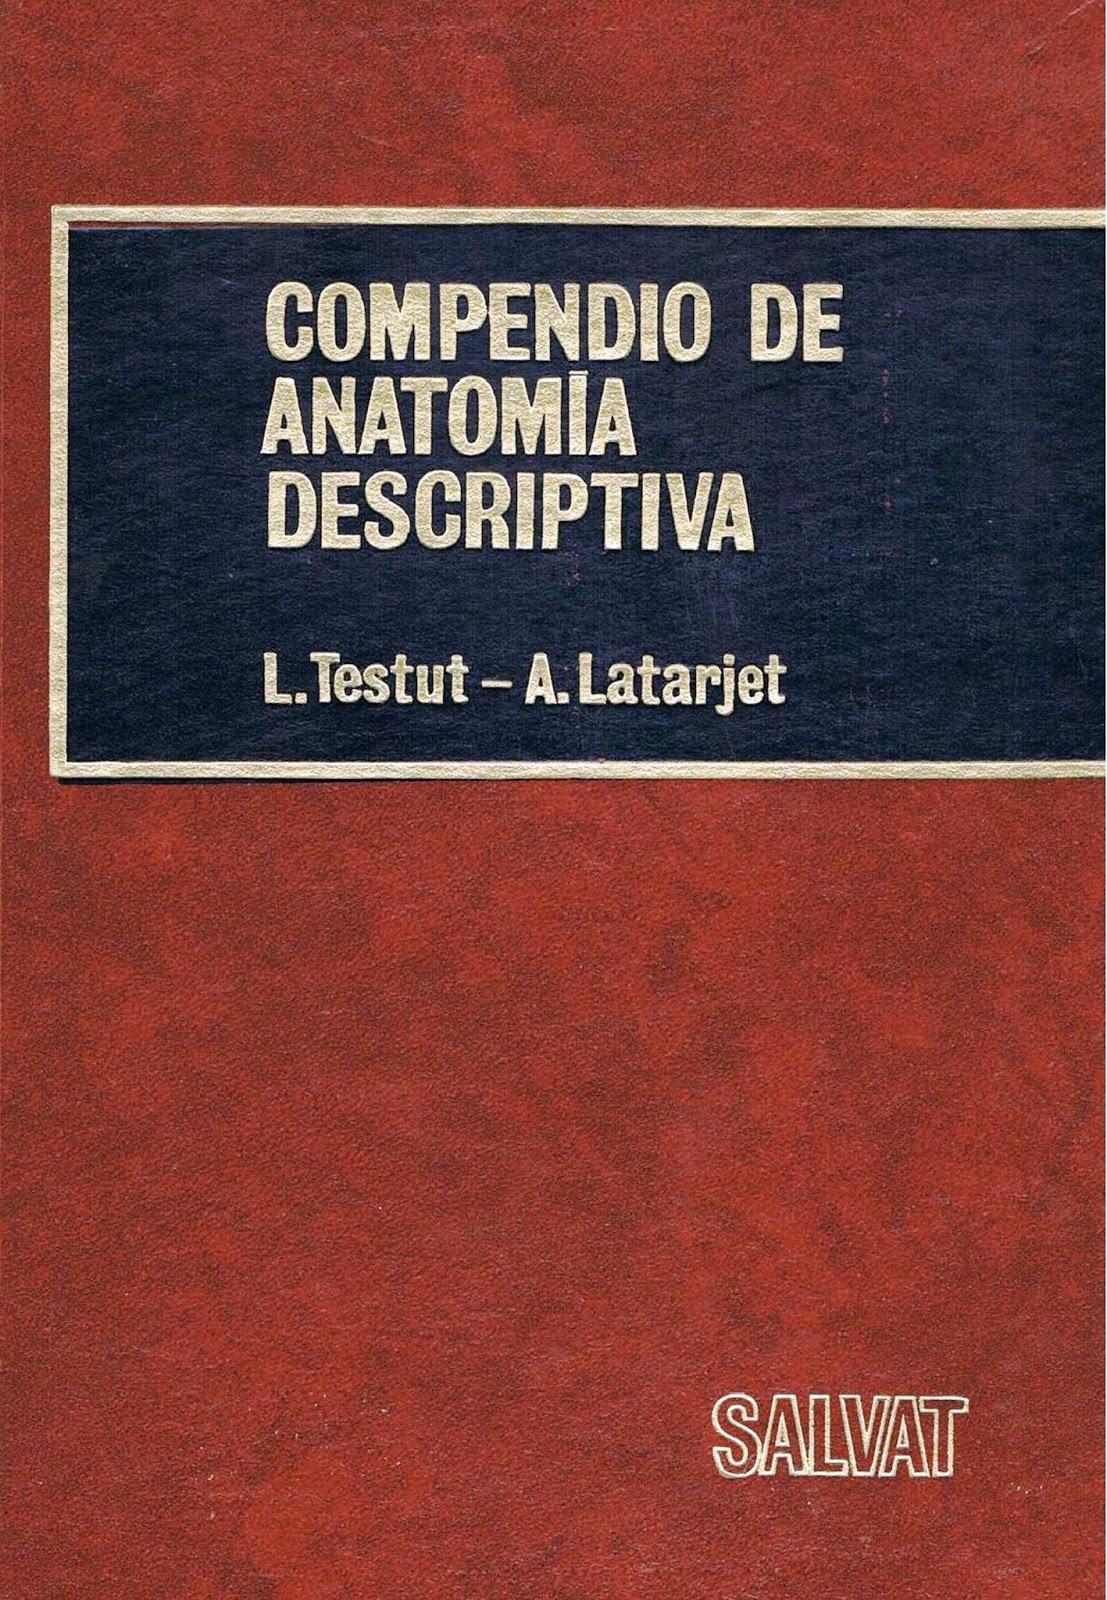 Compendio de anatomía descriptiva – L. Testut | LibrosVirtual